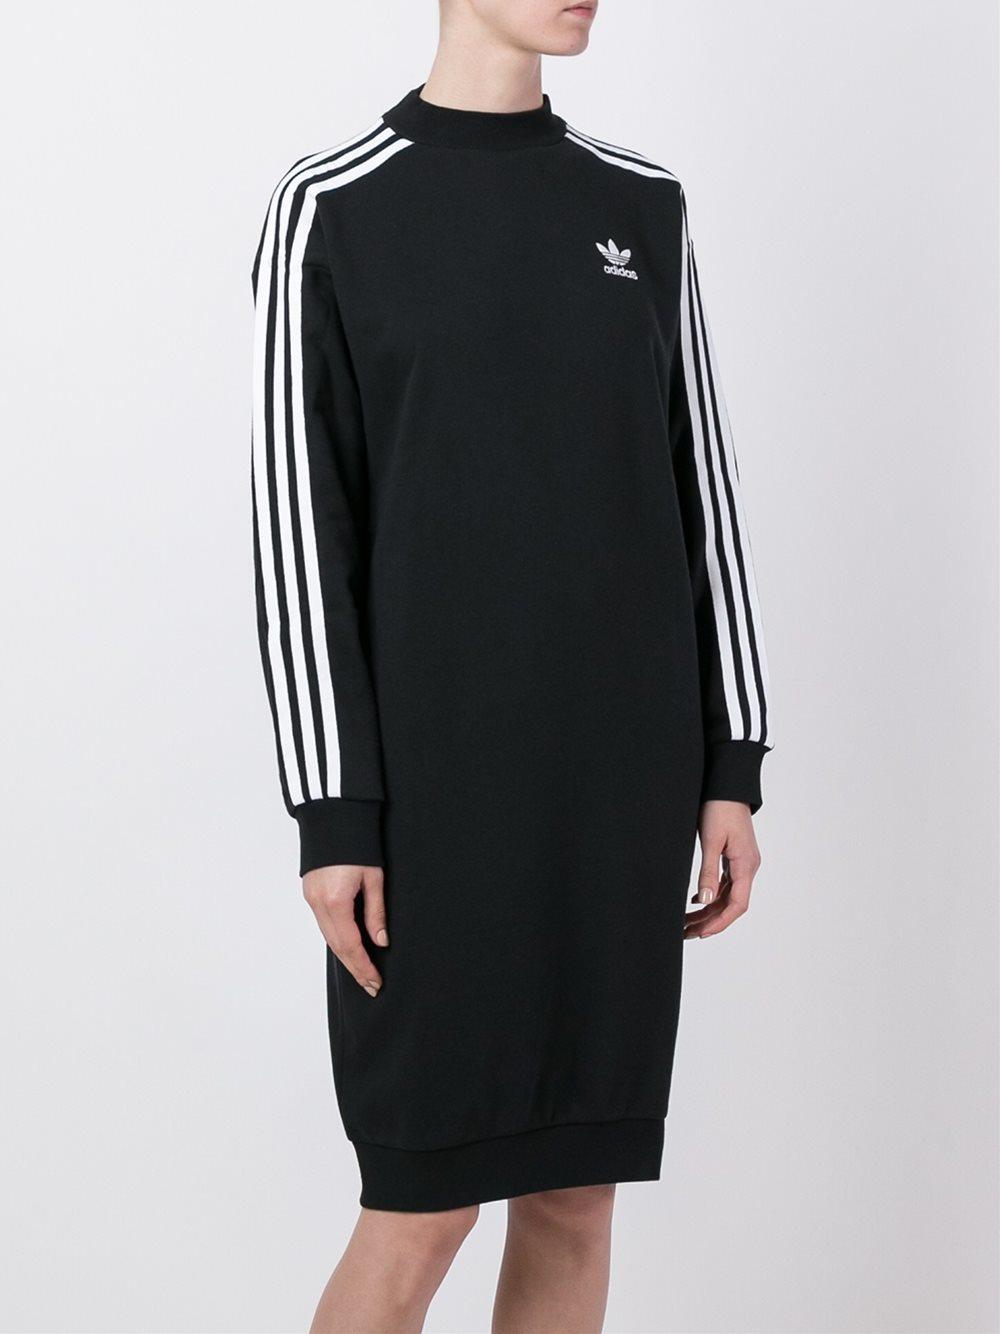 Adidas Originals Three Stripe Sweatshirt Dress In